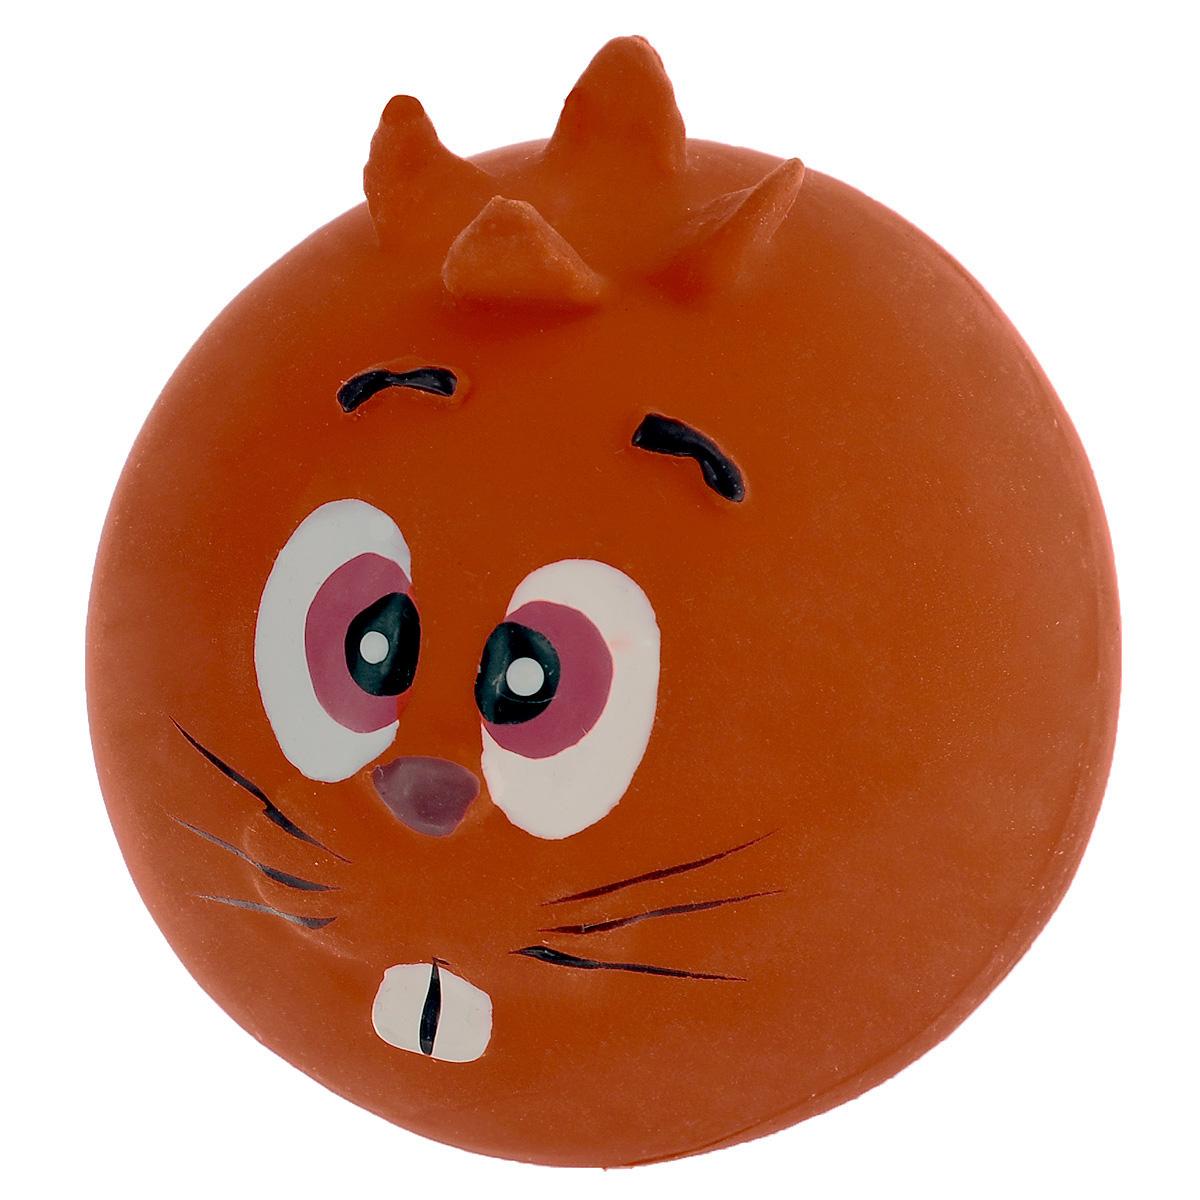 Игрушка для собак I.P.T.S. Мяч с мордочкой, цвет: оранжевый, диаметр 7 см16291 оранжевыйИгрушка для собак I.P.T.S. Мяч с мордочкой, изготовленная из высококачественного латекса, выполнена в виде мячика с милой мордочкой. Такая игрушка порадует вашего любимца, а вам доставит массу приятных эмоций, ведь наблюдать за игрой всегда интересно и приятно. Оставшись в одиночестве, ваша собака будет увлеченно играть. Диаметр: 7 см.